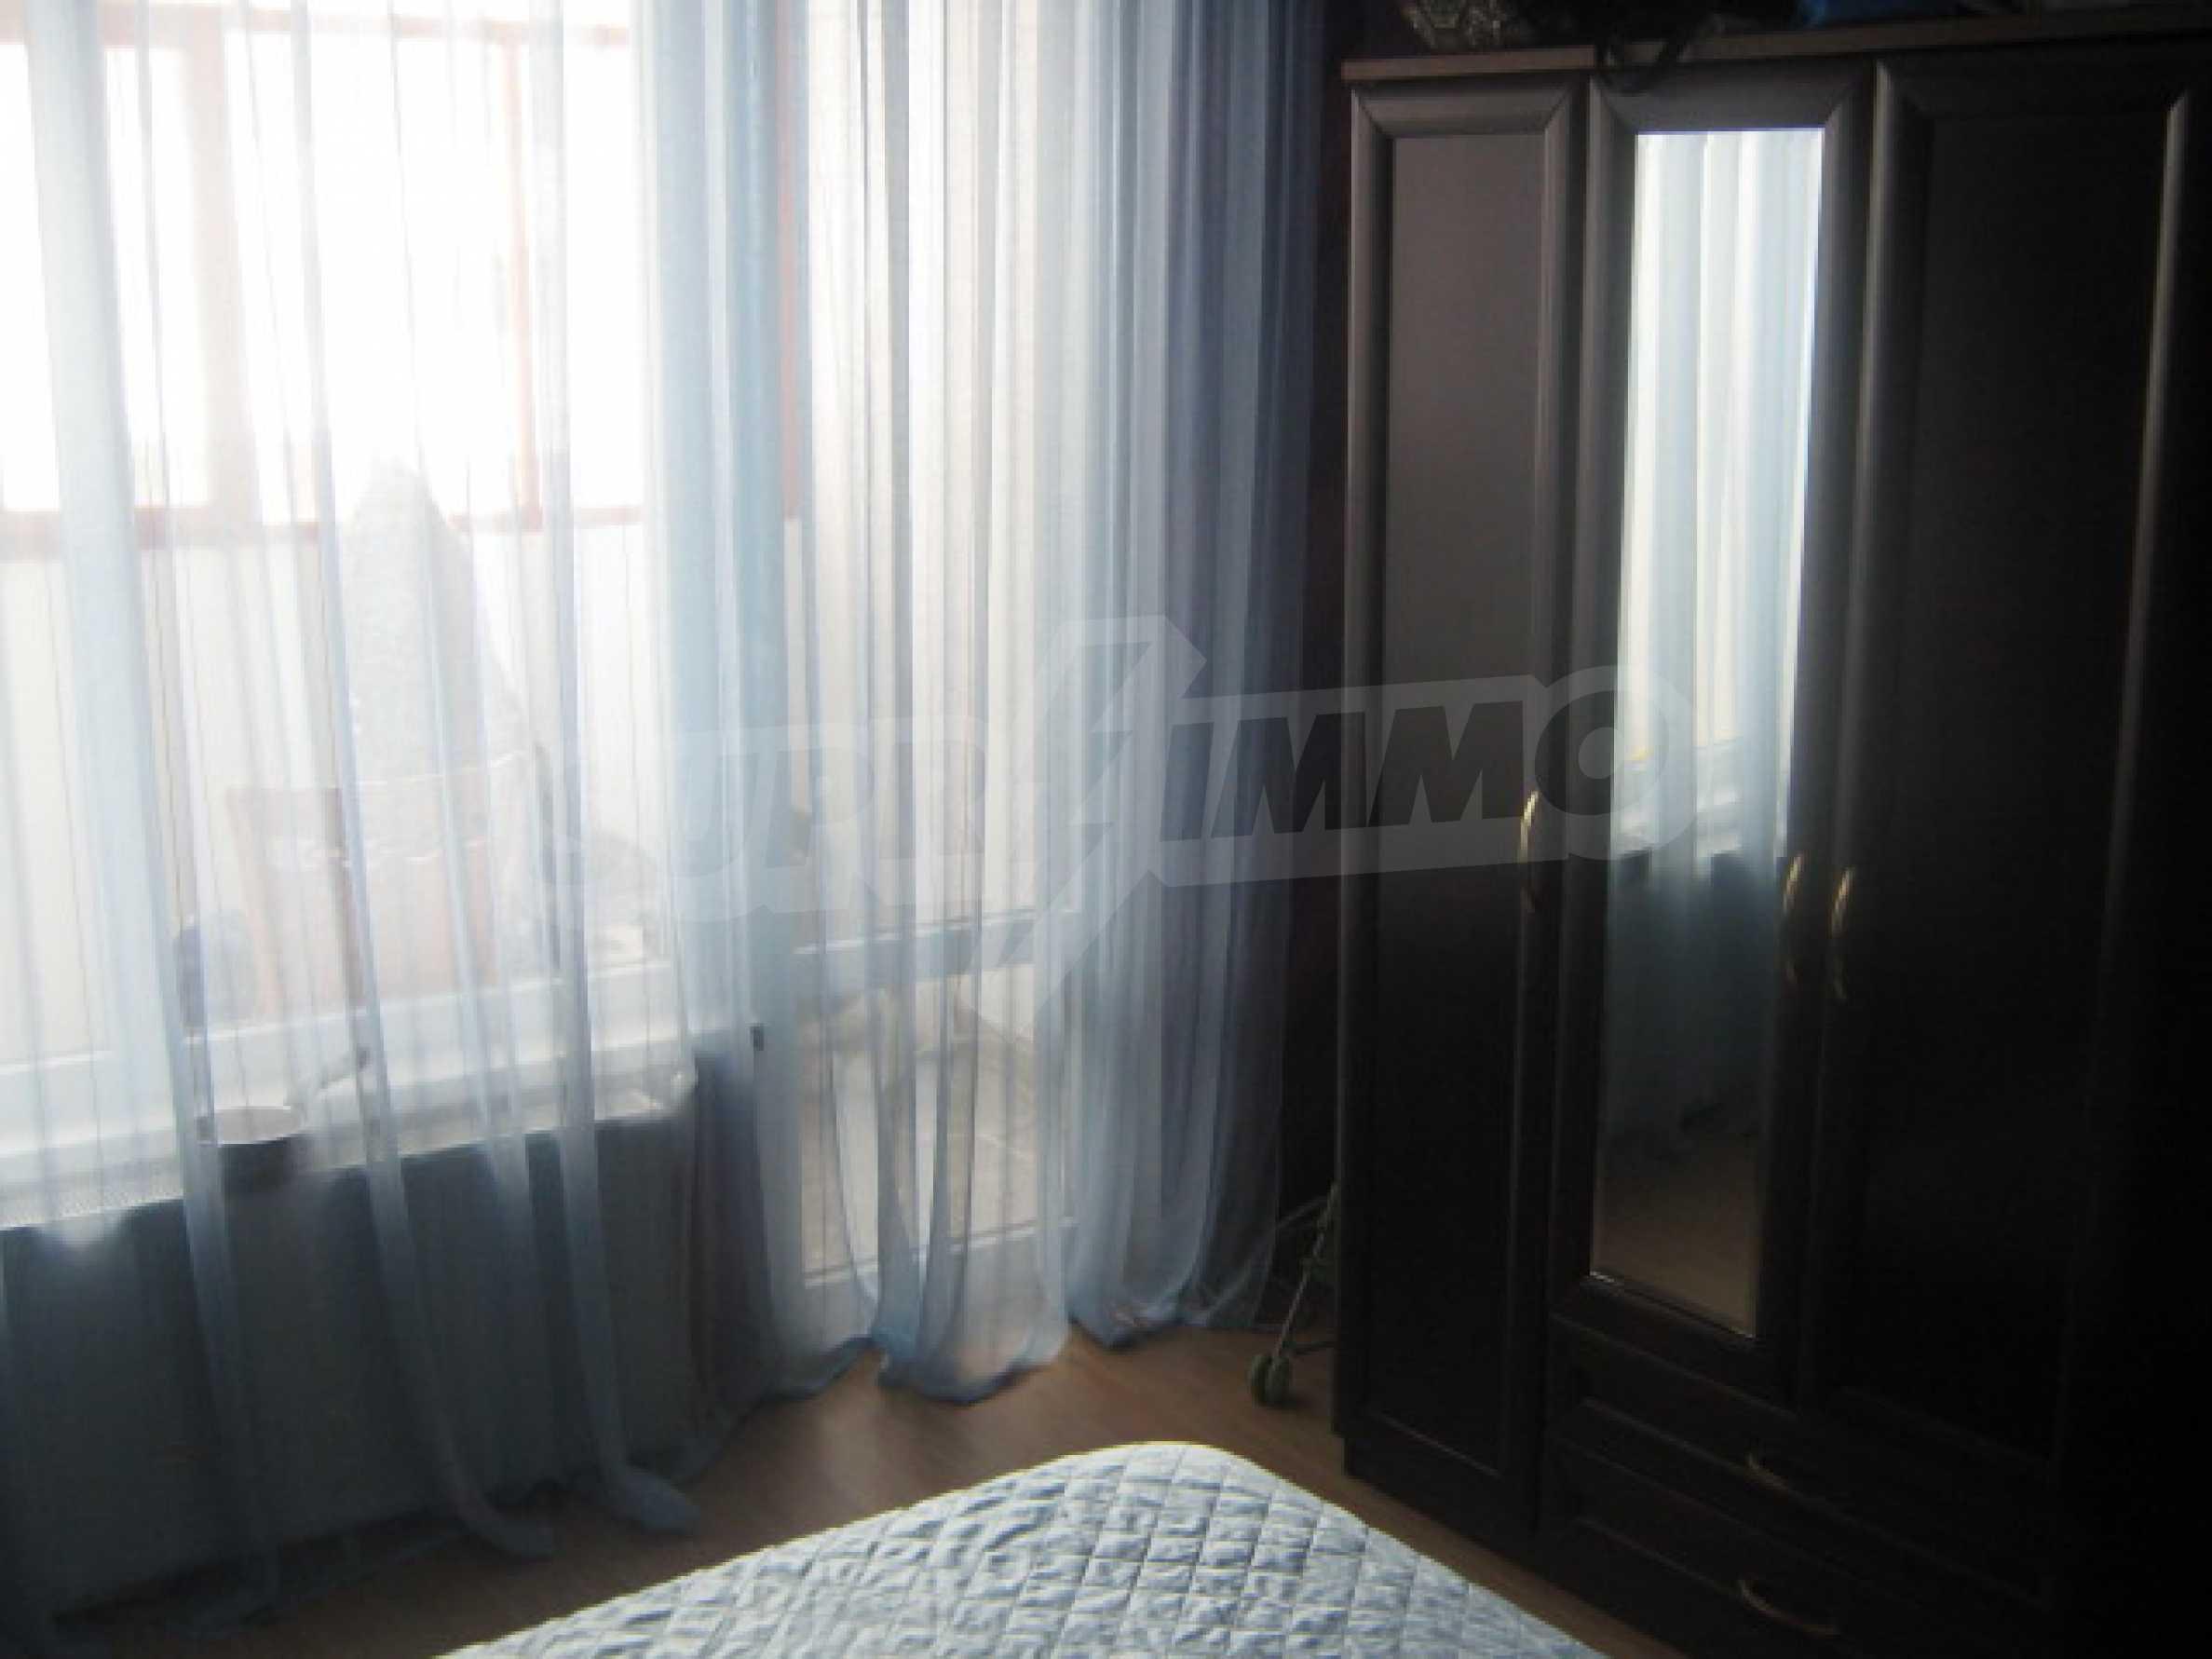 Двустаен апартамент за продажба във гр. Видин 10